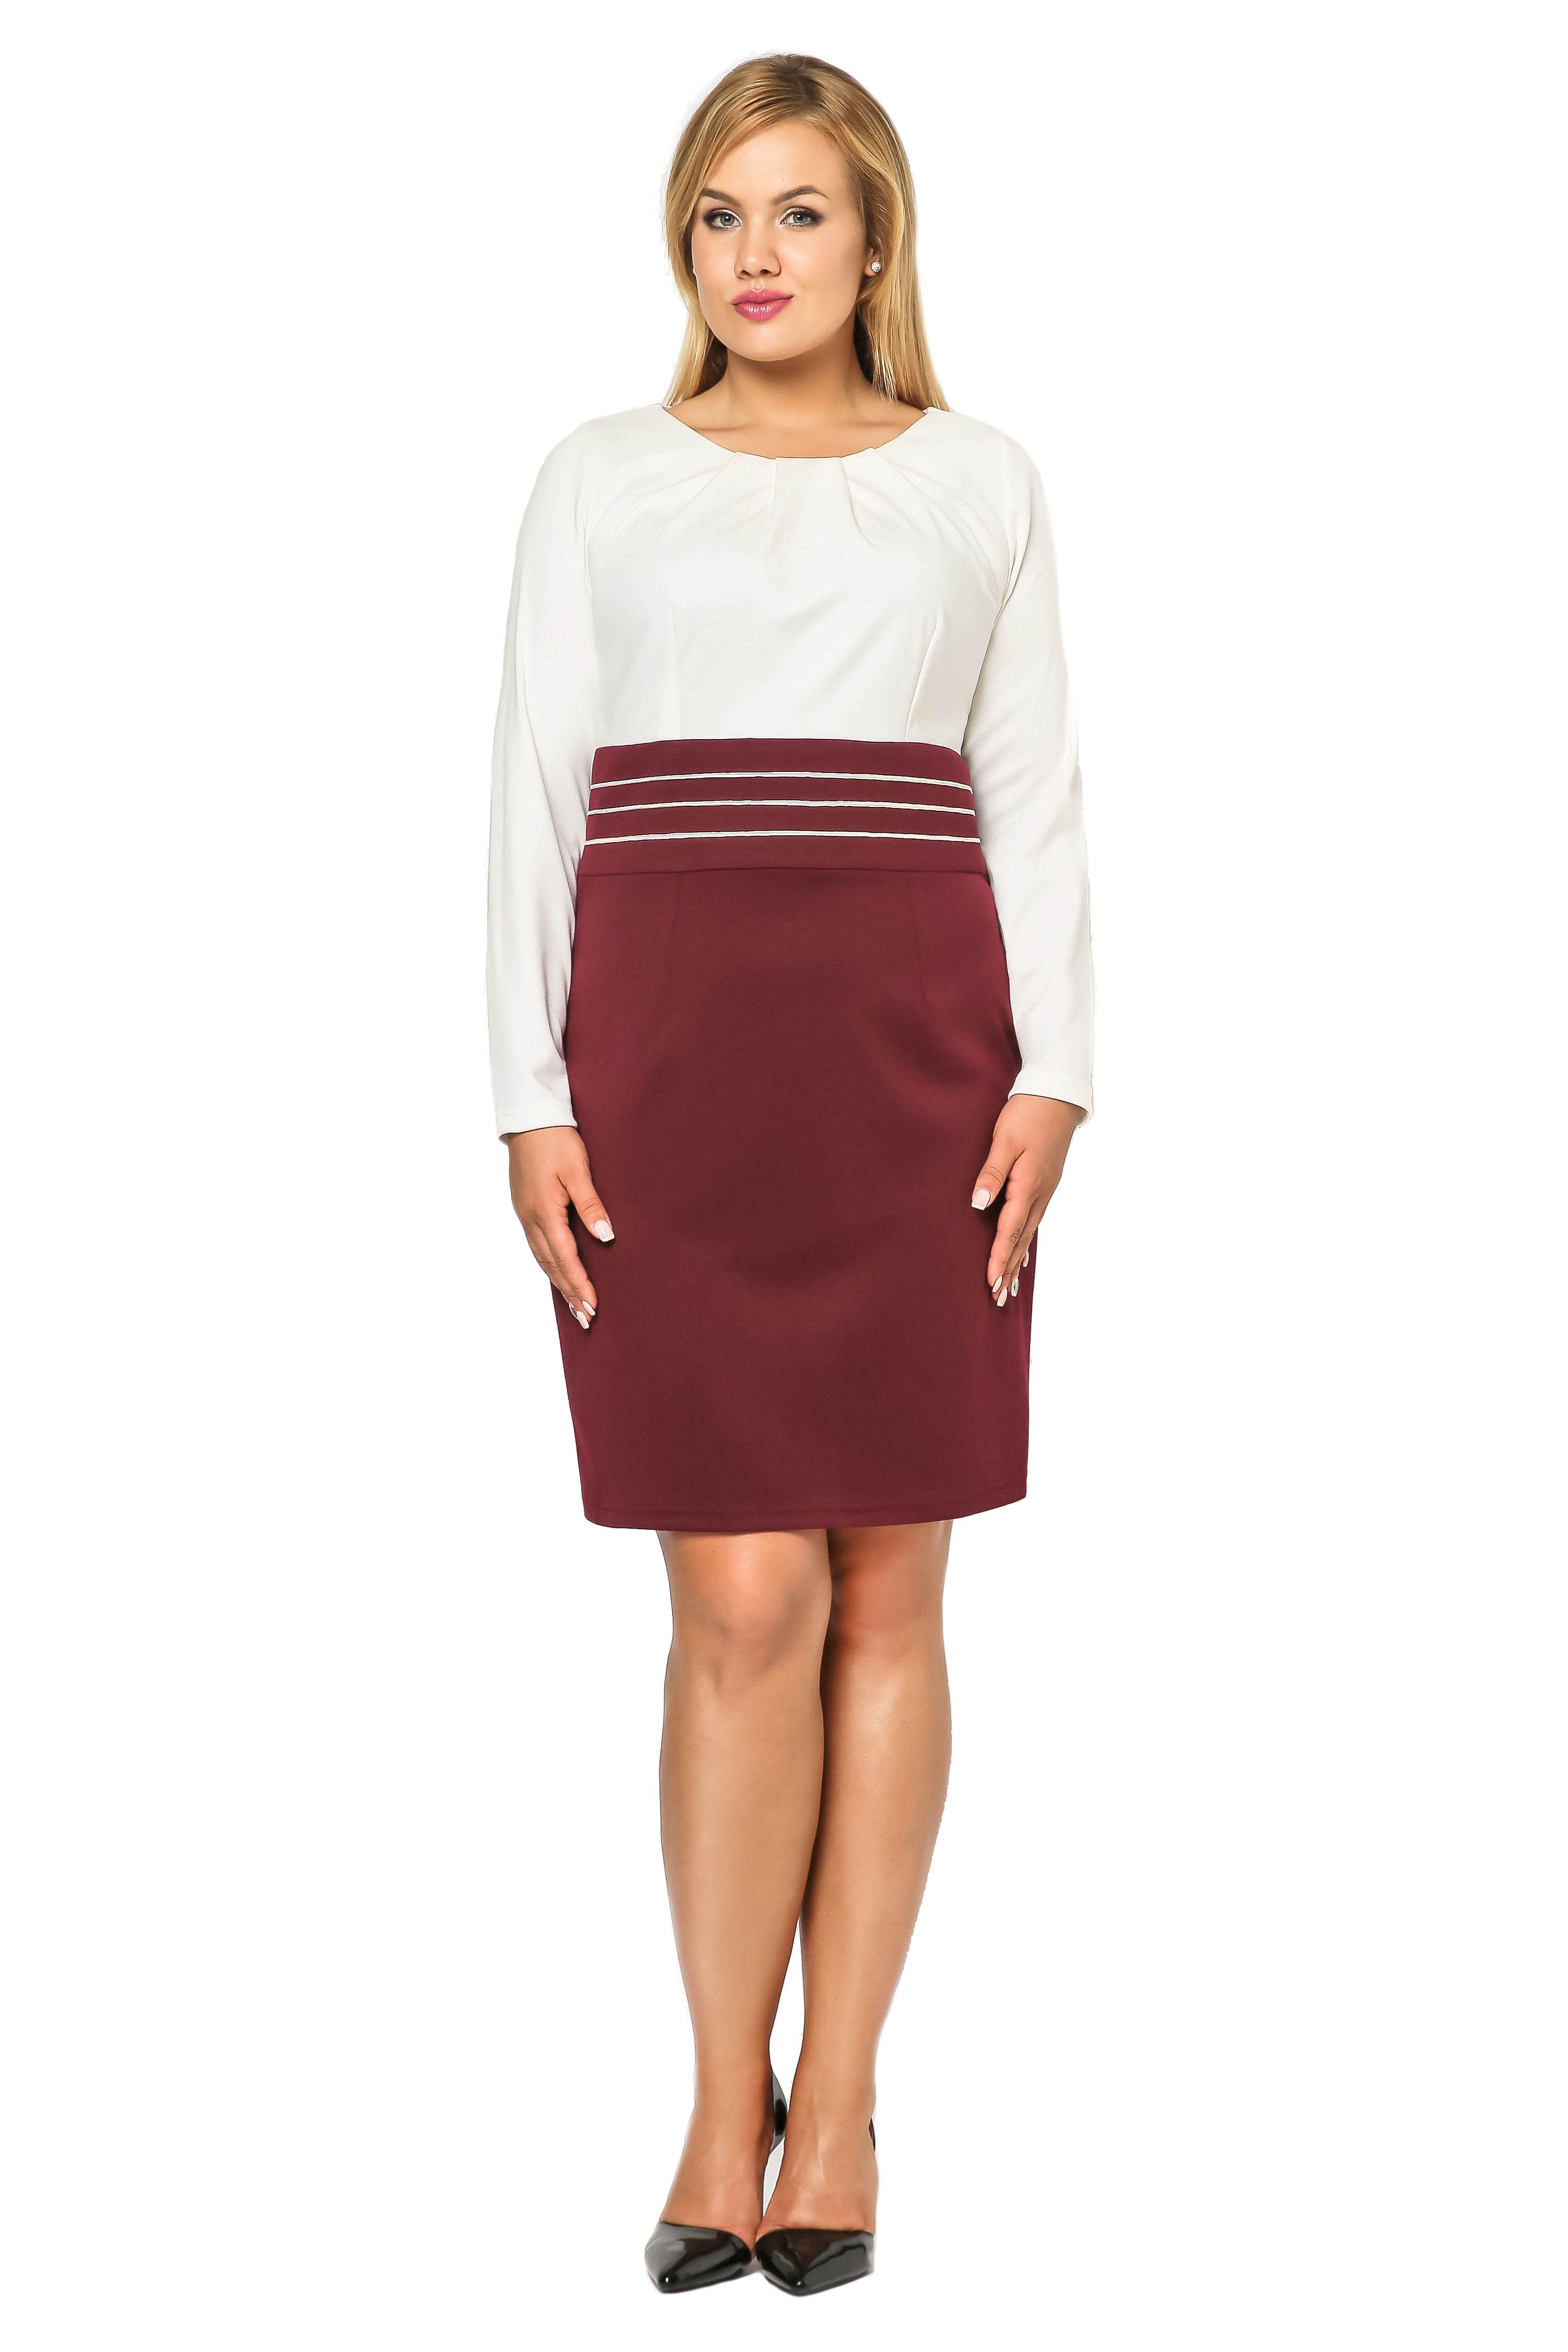 Sukienka Gabi Knittwear w kolorze bordo z ecru